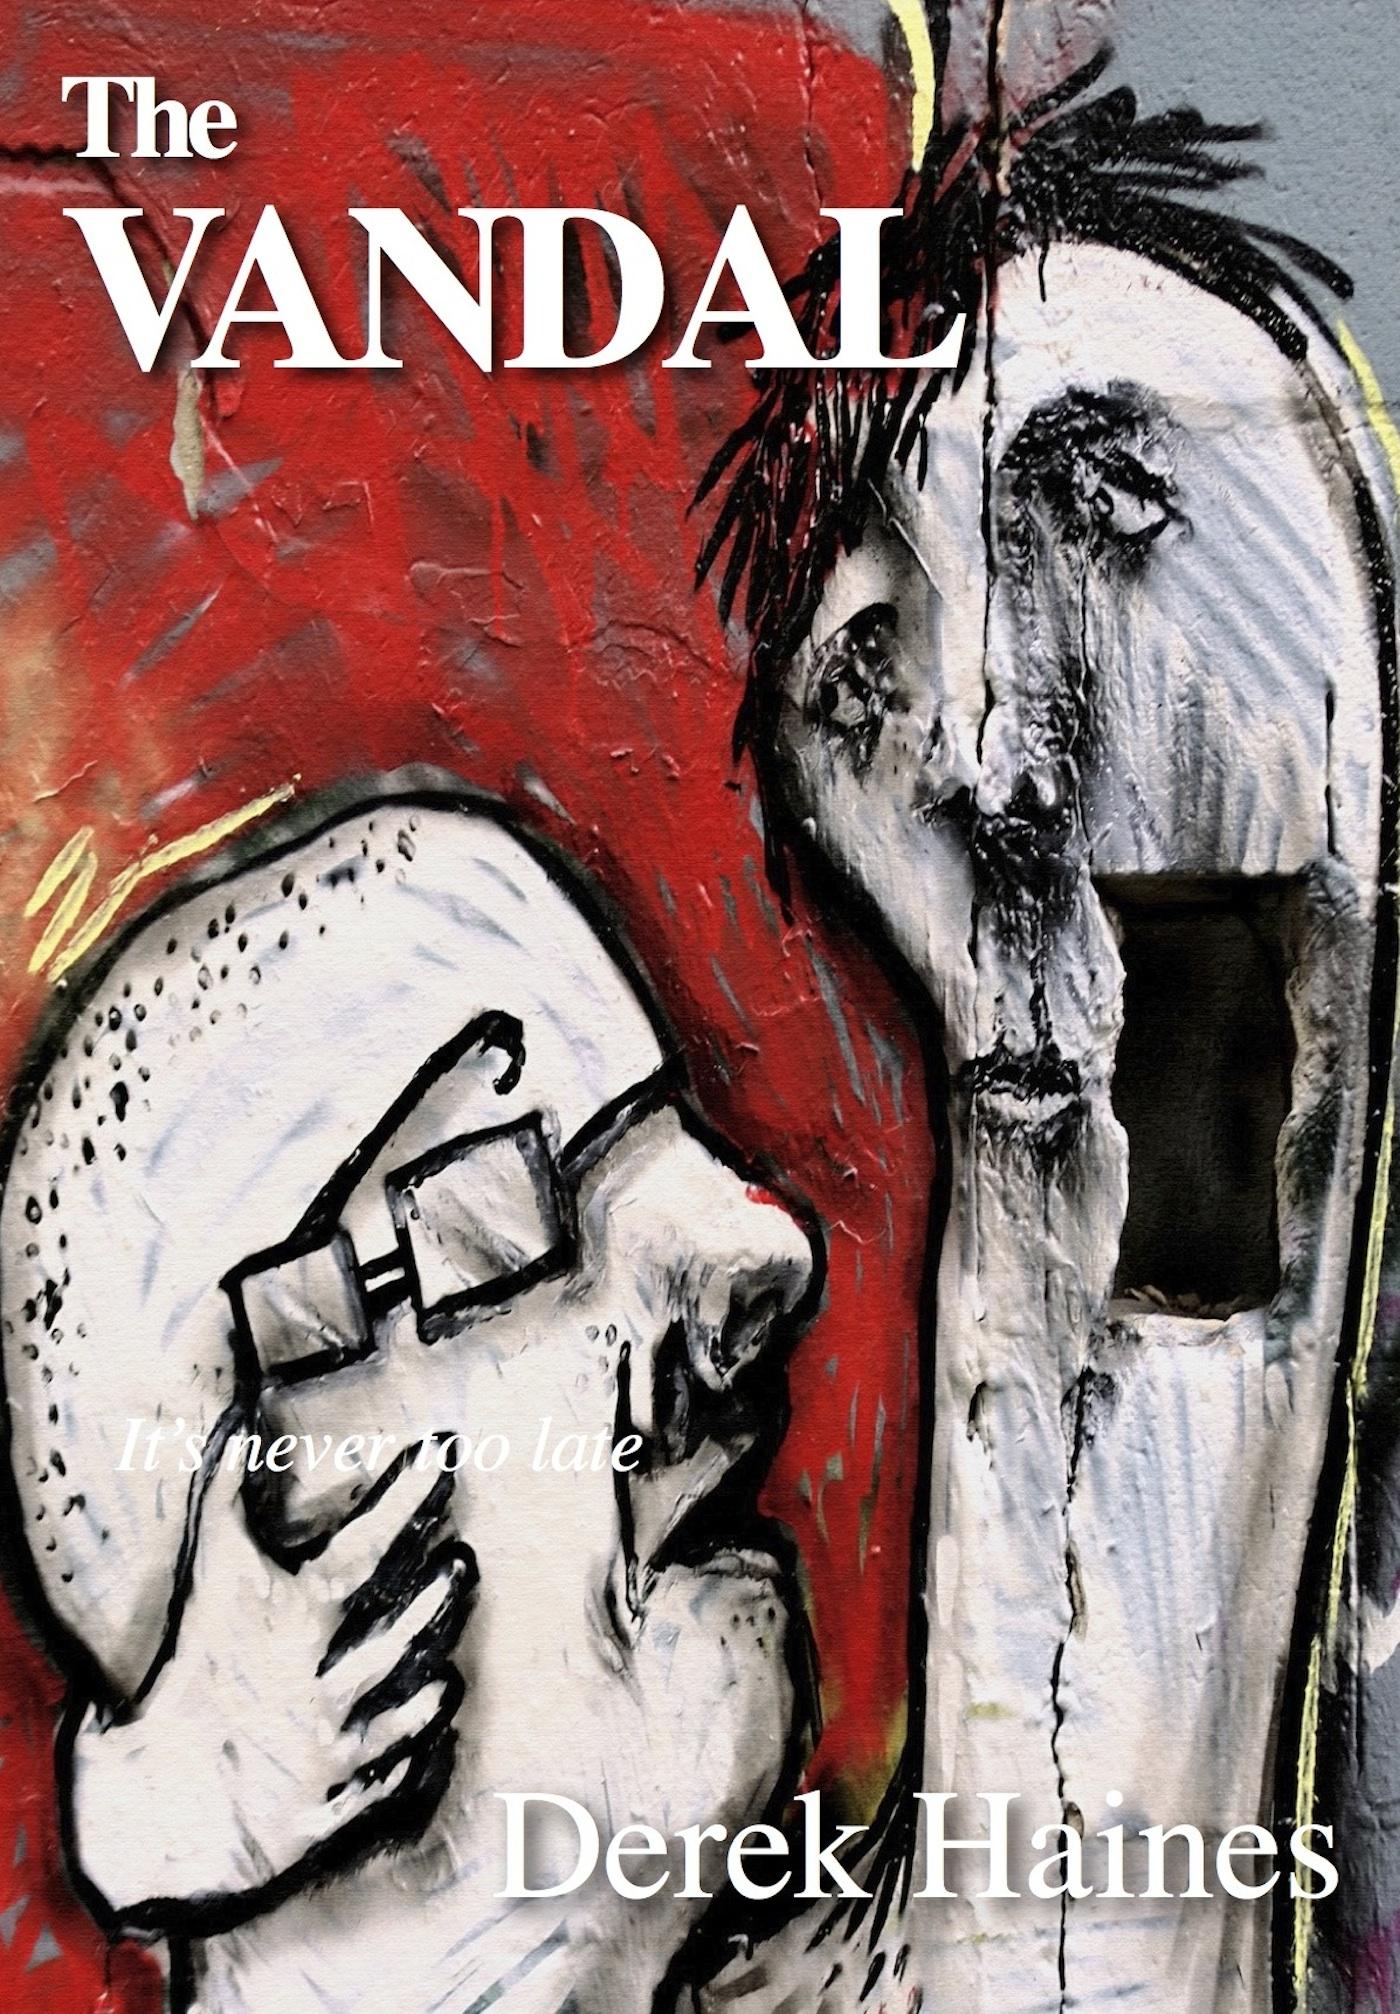 Derek Haines - The Vandal